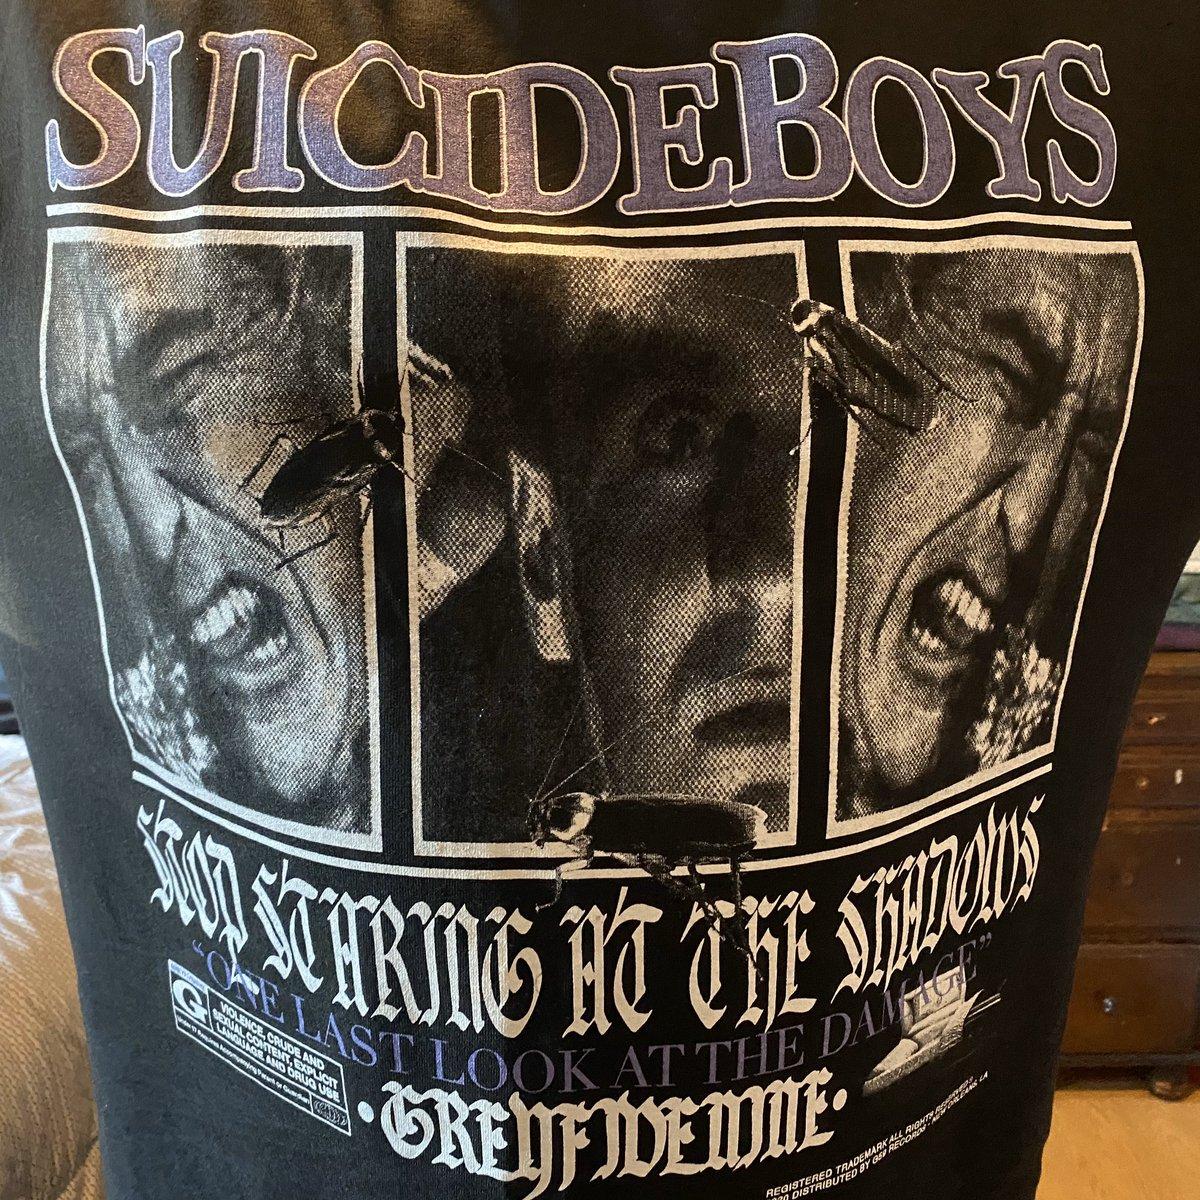 First time rocking my $uicideboy$ shirt.  #G59 #StopStaringattheShadows @suicideLEOPARD @SuicideChrist